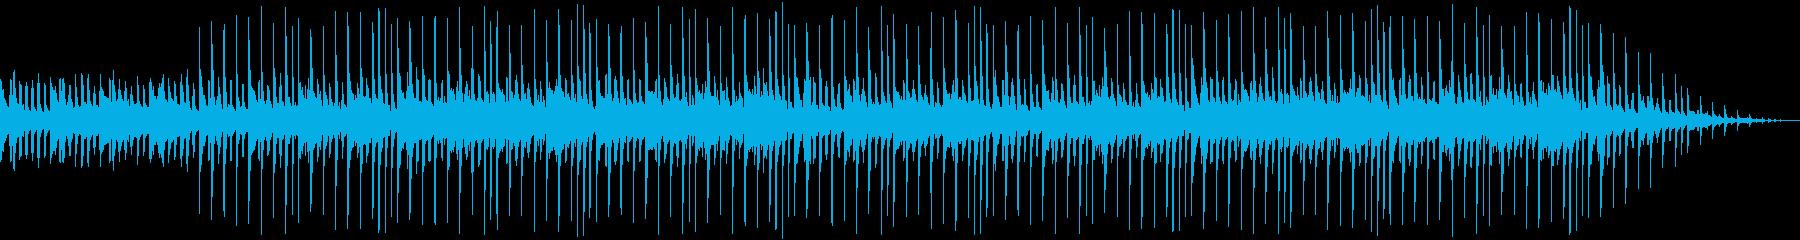 ポップでおしゃれなループ BGMの再生済みの波形